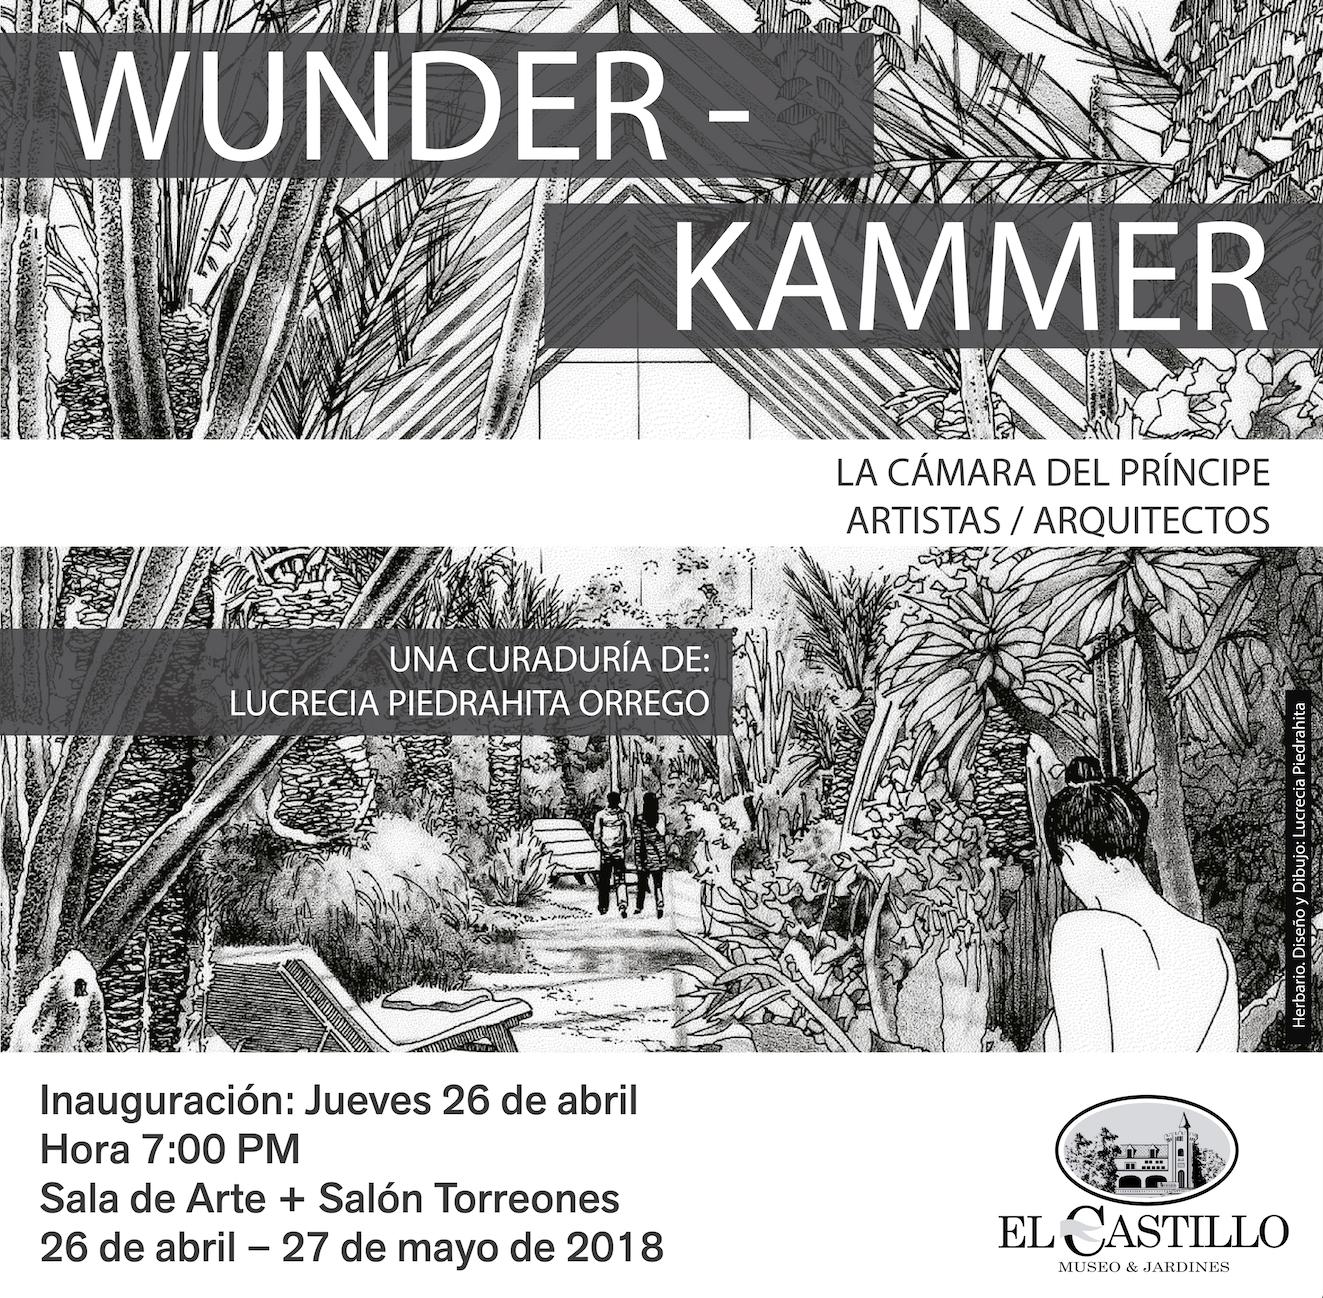 Museo el castillo | Wunder-Kammer